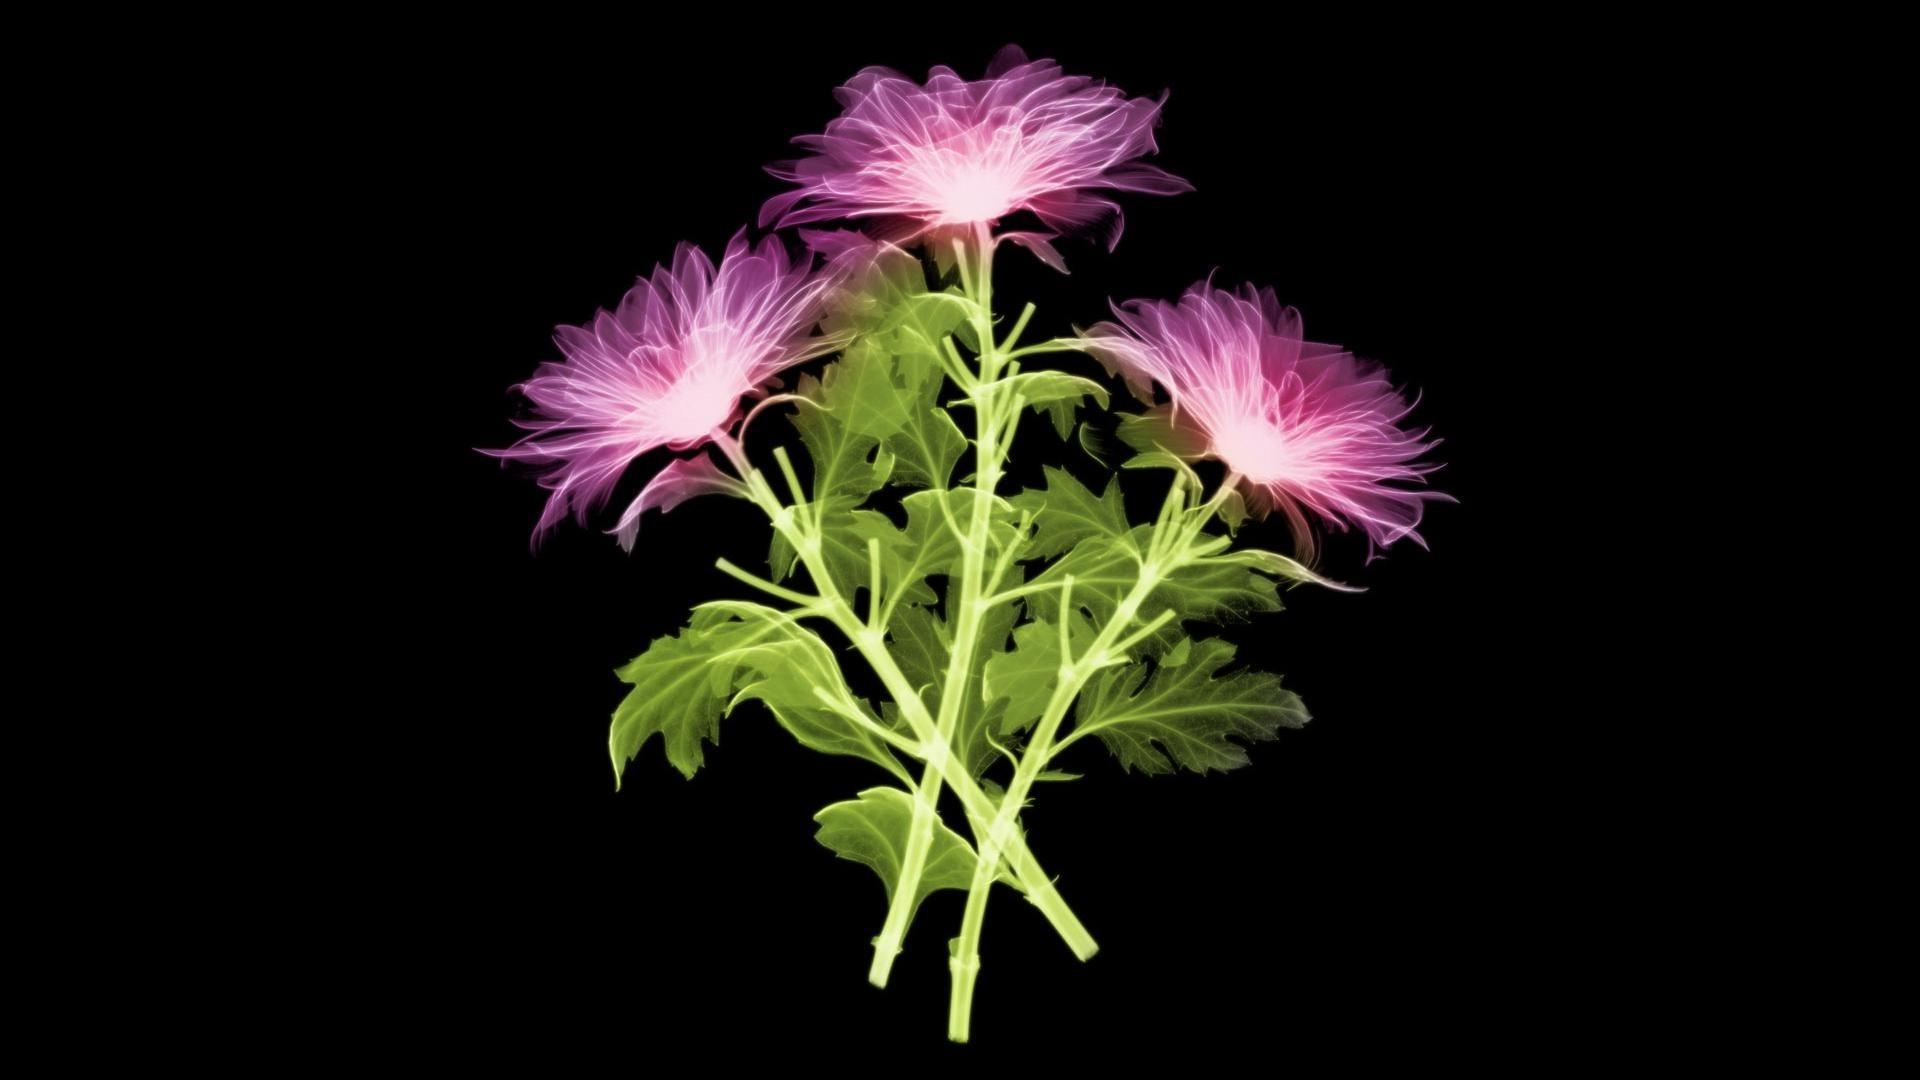 Фото цветы на черном фоне